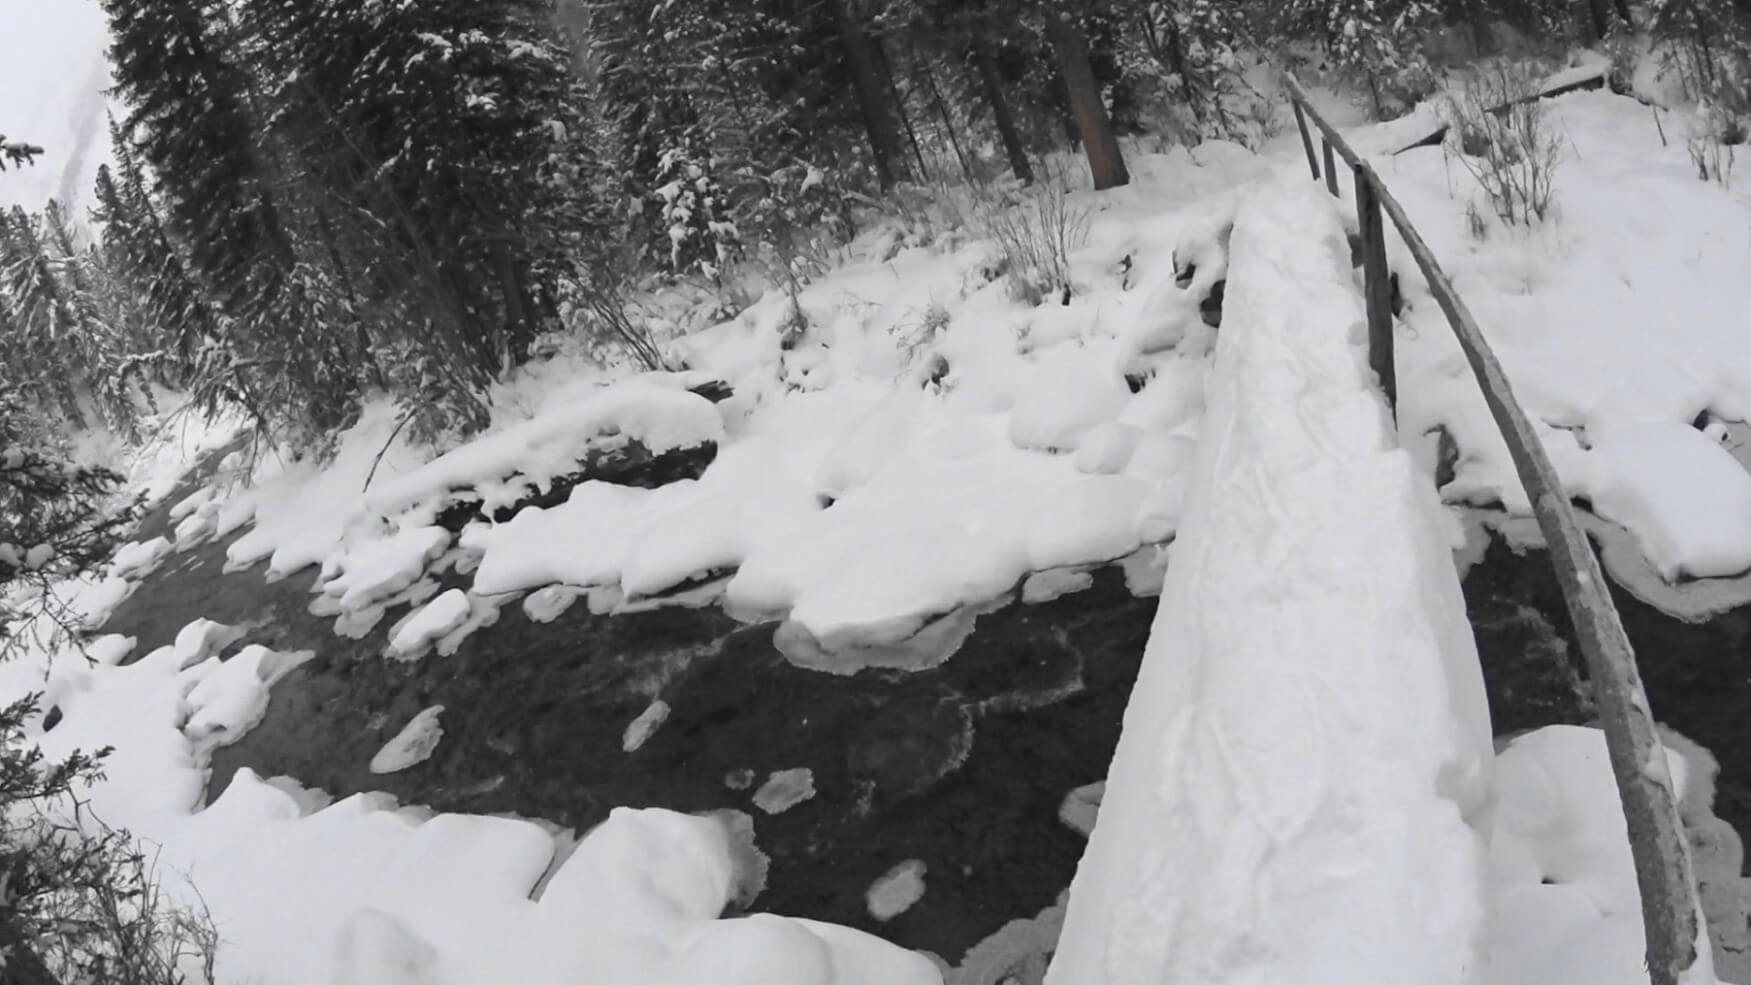 Отчет о горном маршруте 1 к.с. совершенном в районе Мультинских озер Катунского хребта